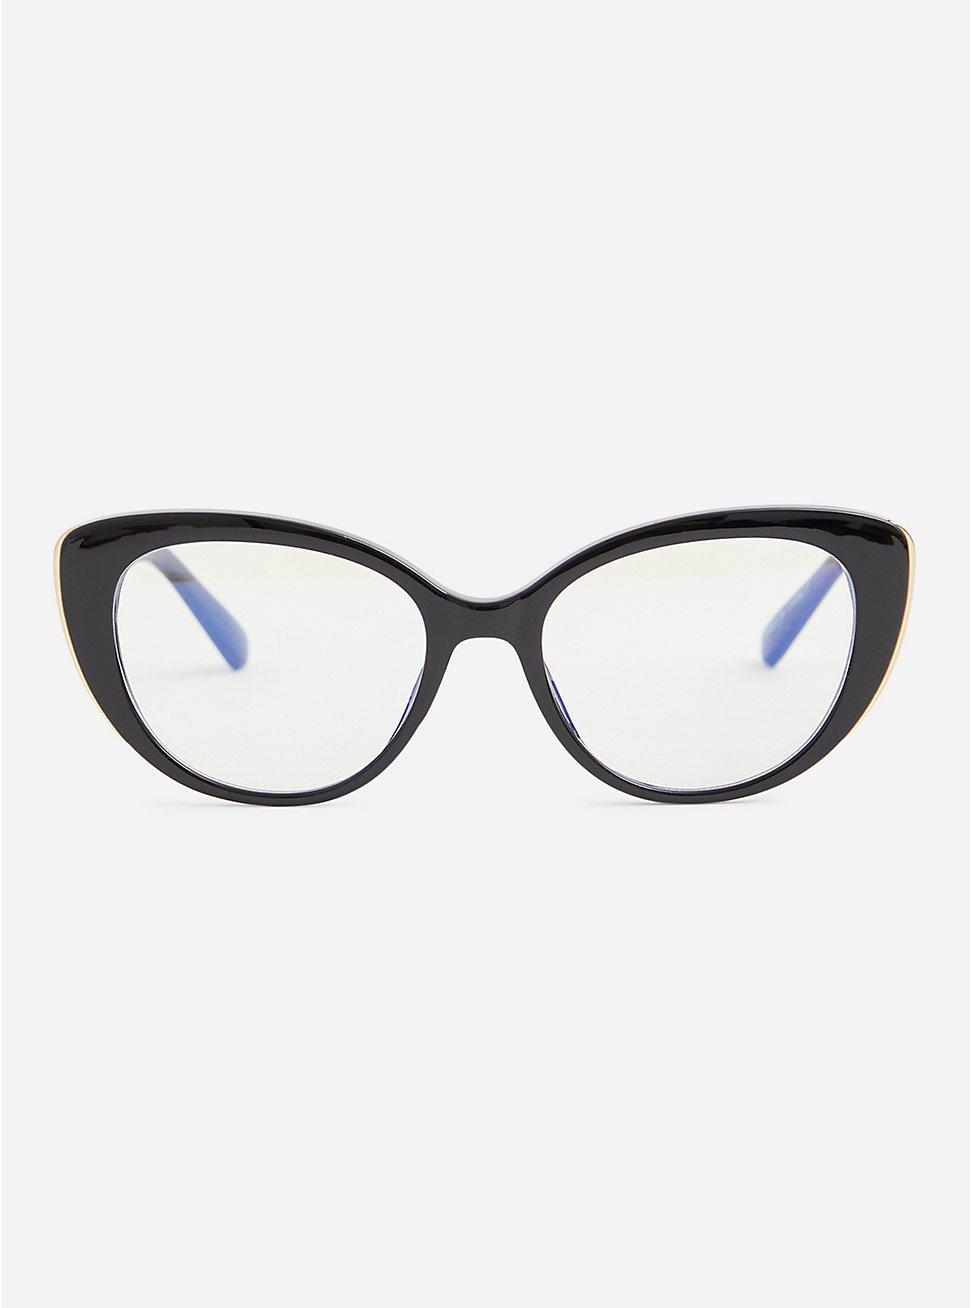 Black Cat Eye Blue Light Glasses, , hi-res